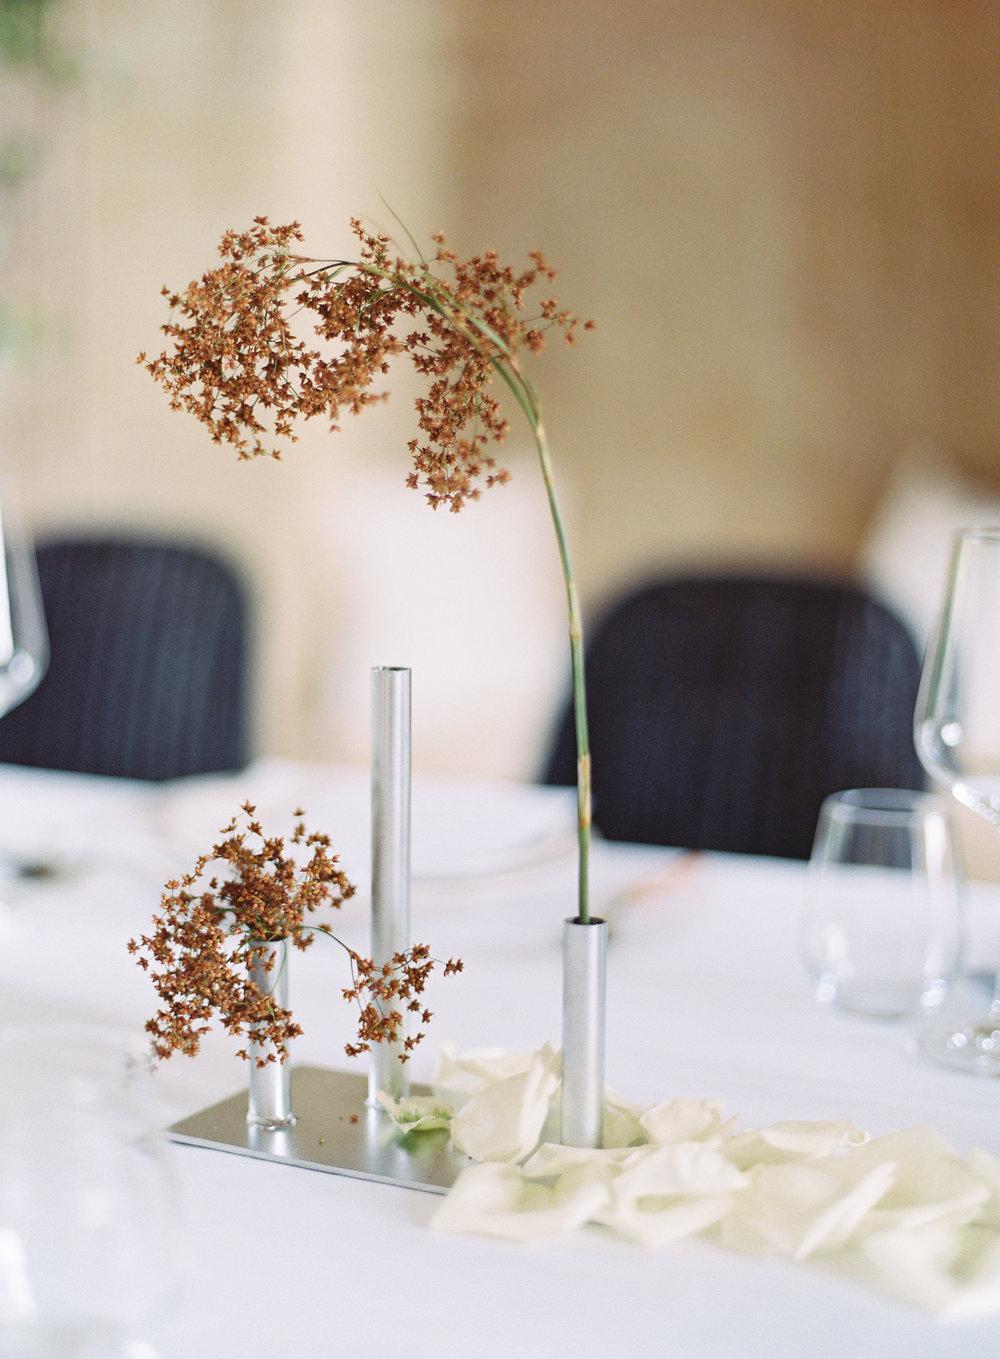 Bloodwood Botanica   oaklab design minimal vase design